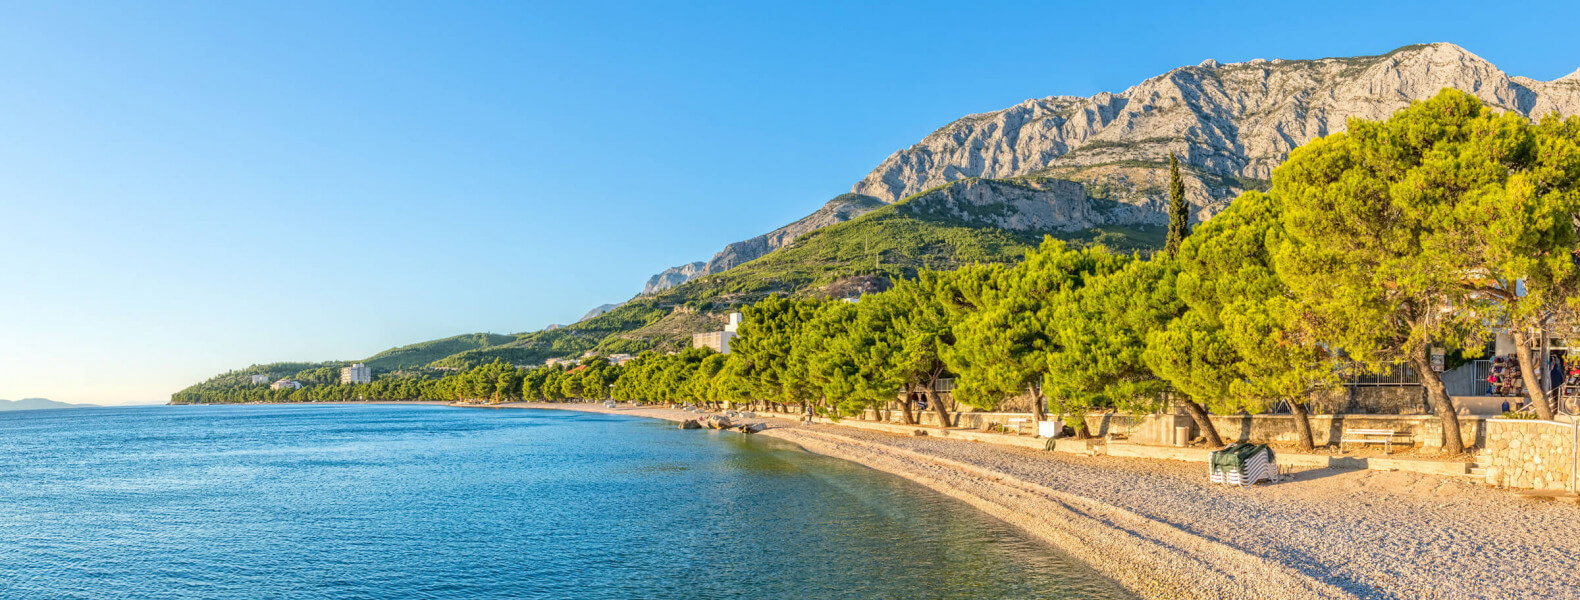 Tučepi, Makarska Riviera